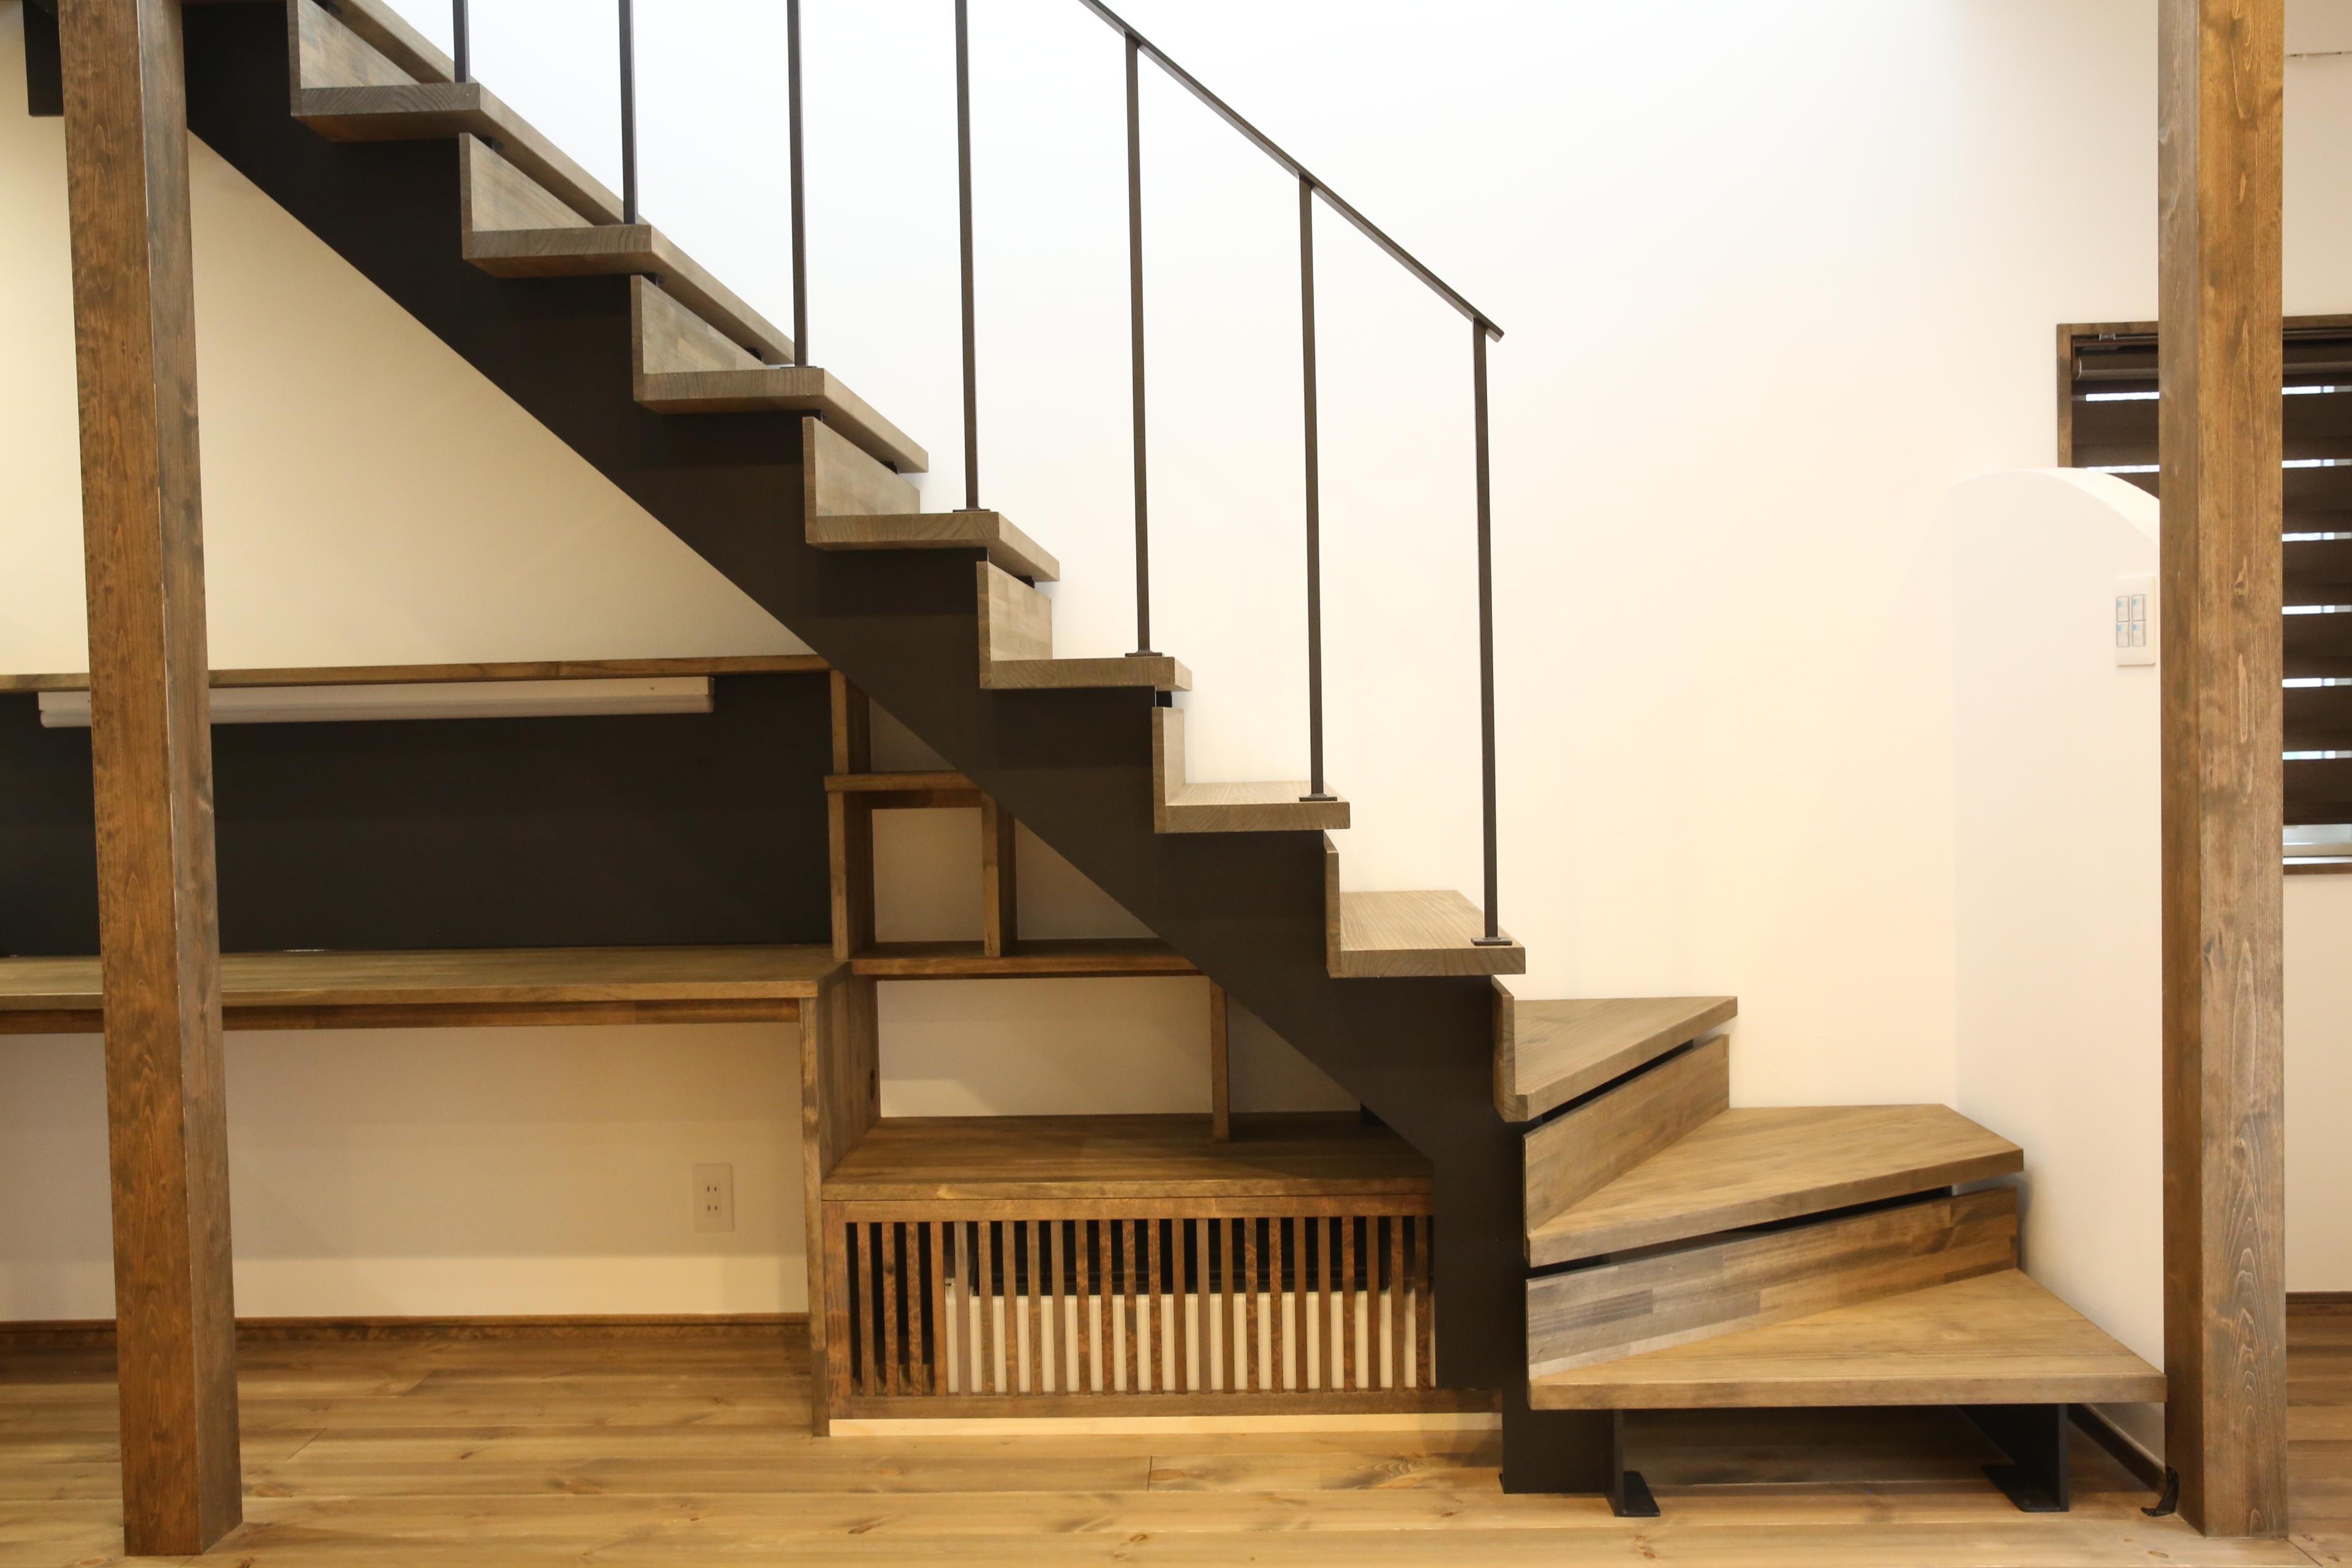 家中を暖め快適な空間をつくる床下エアコン暖房システム